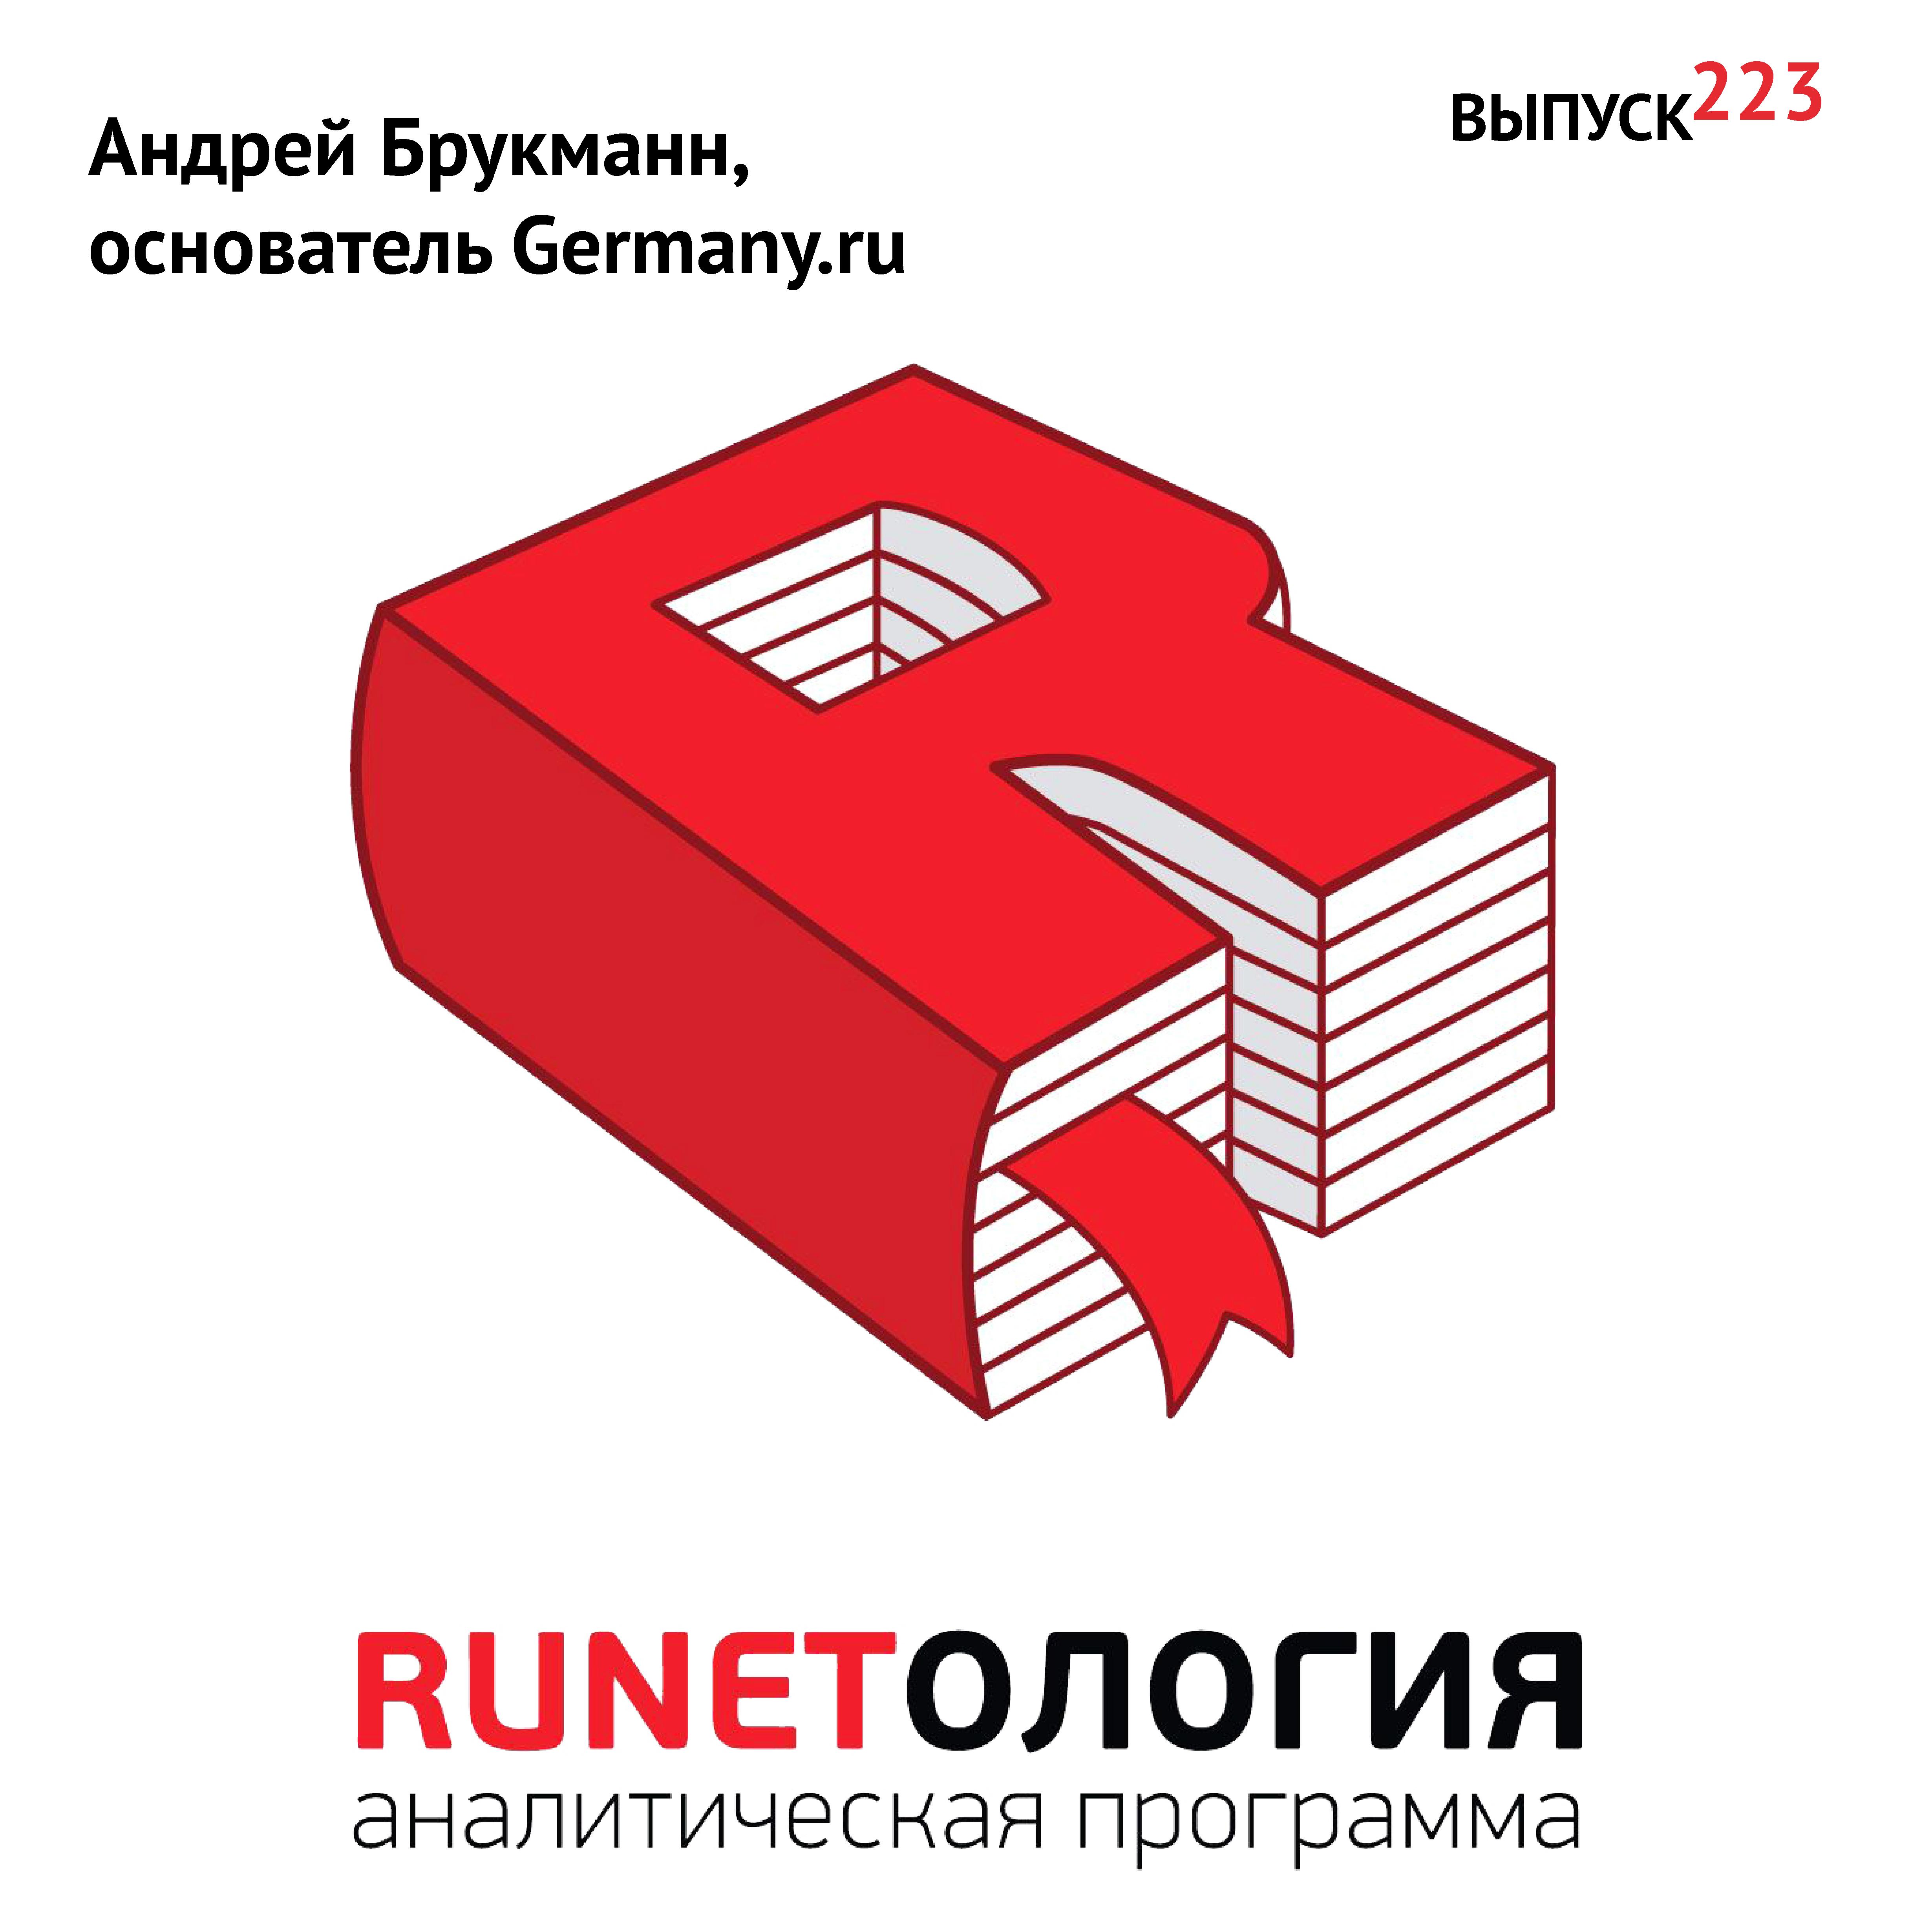 Максим Спиридонов Андрей Брукманн, основатель Germany.ru